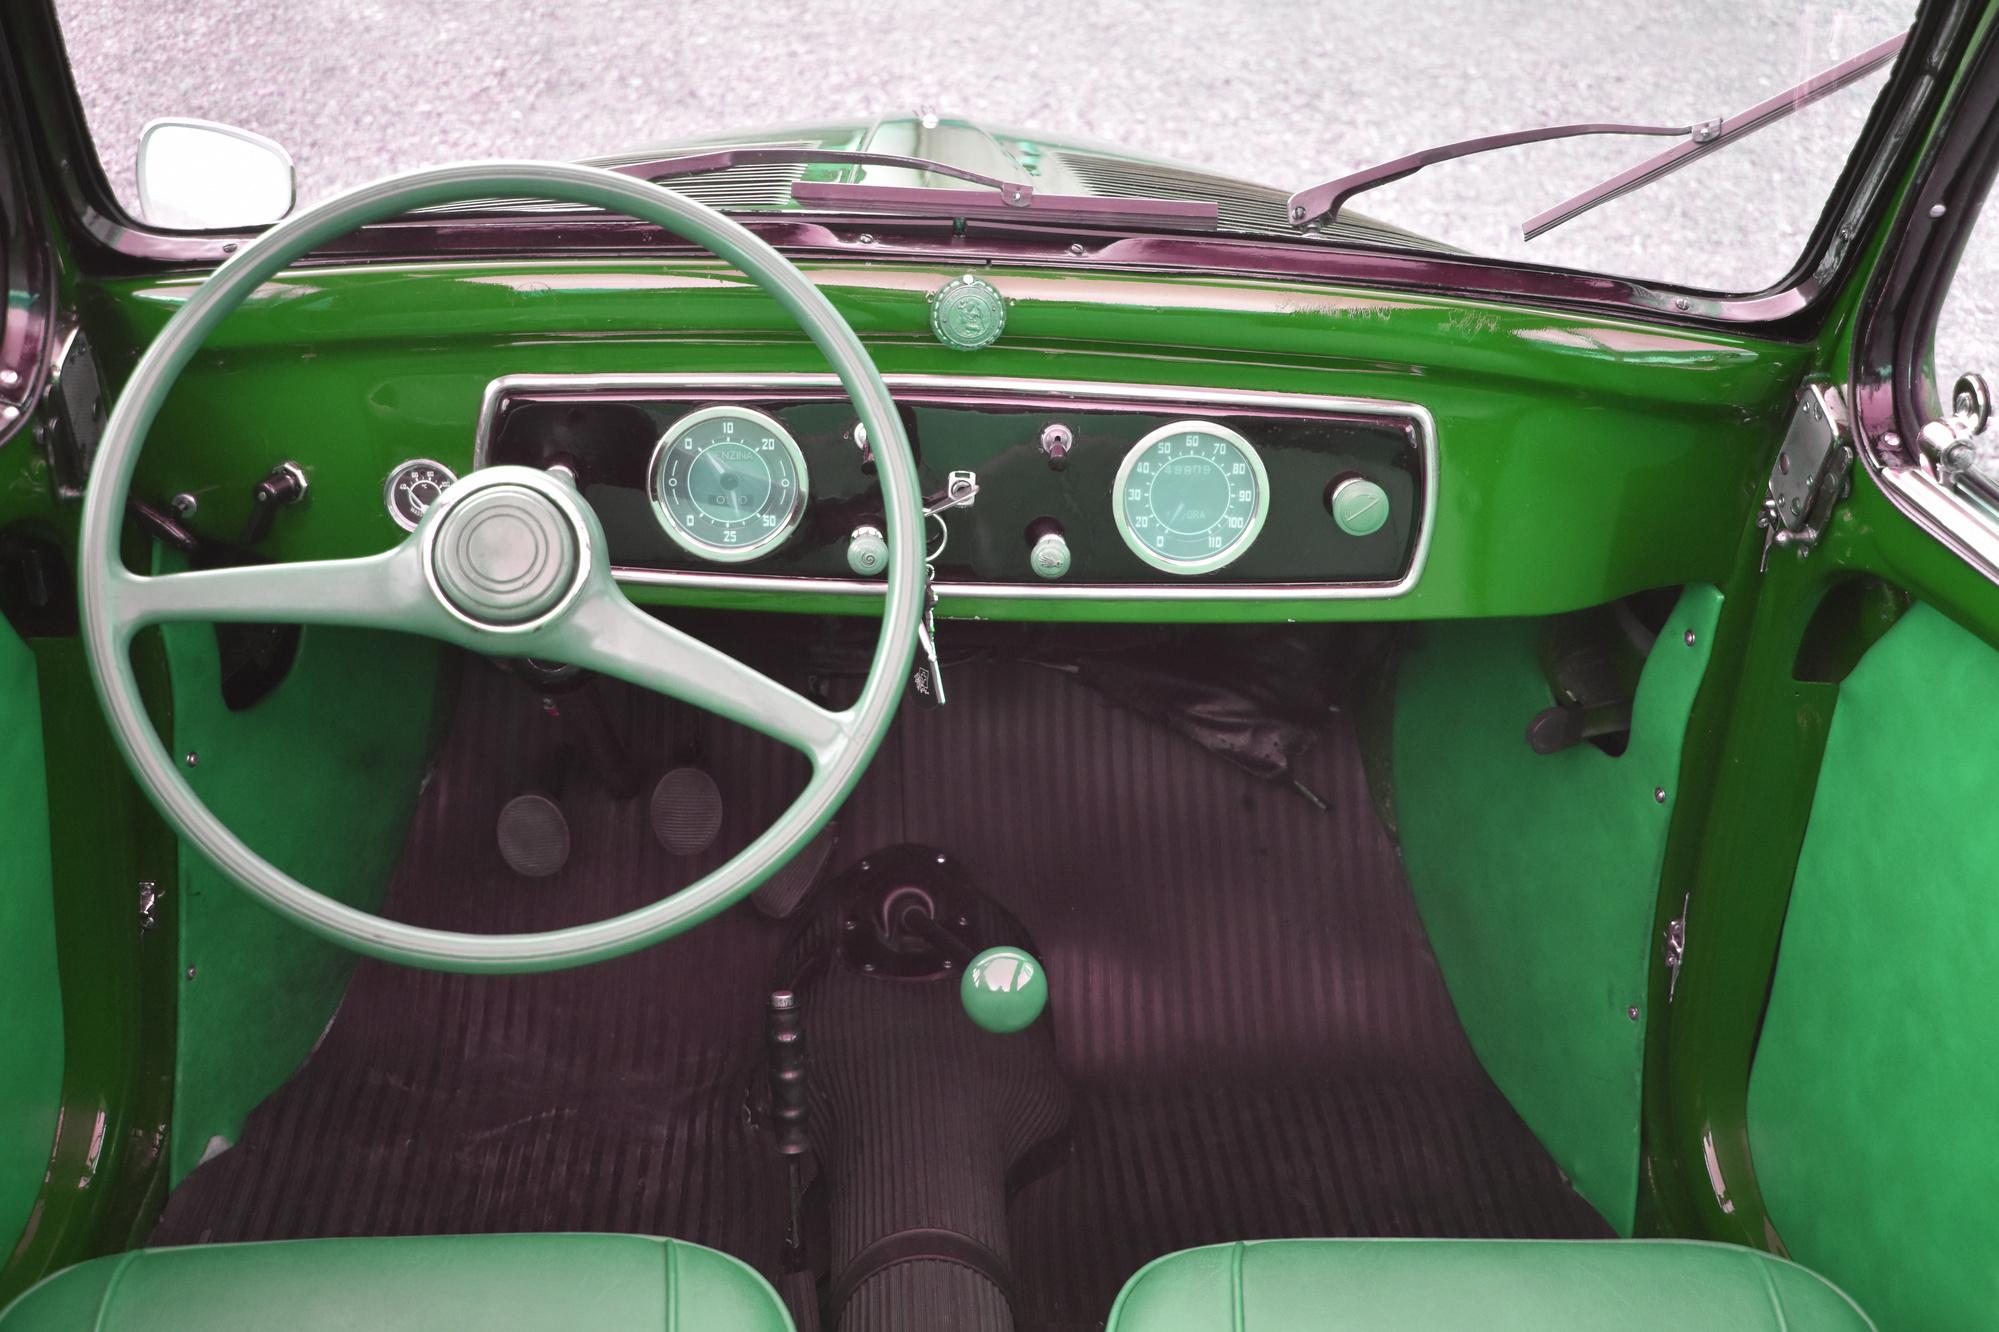 Armaturen und Lenkrad eines 1949 Fiat 500 C Tipolino